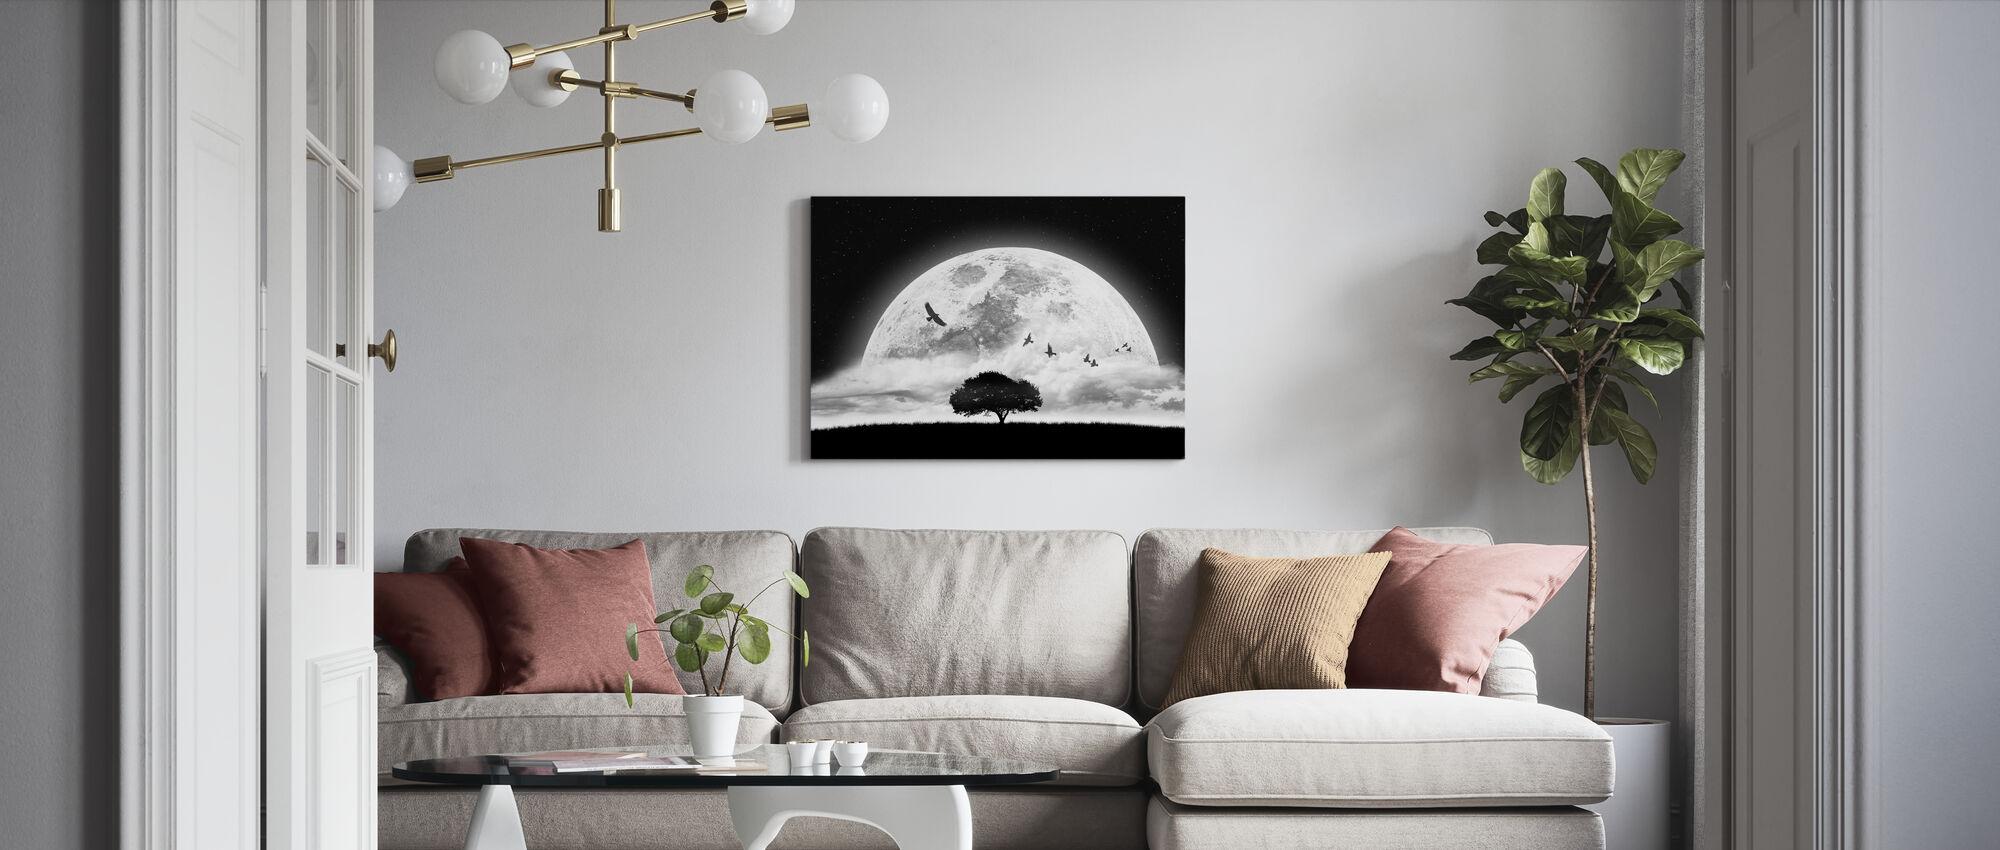 Dröm - Canvastavla - Vardagsrum